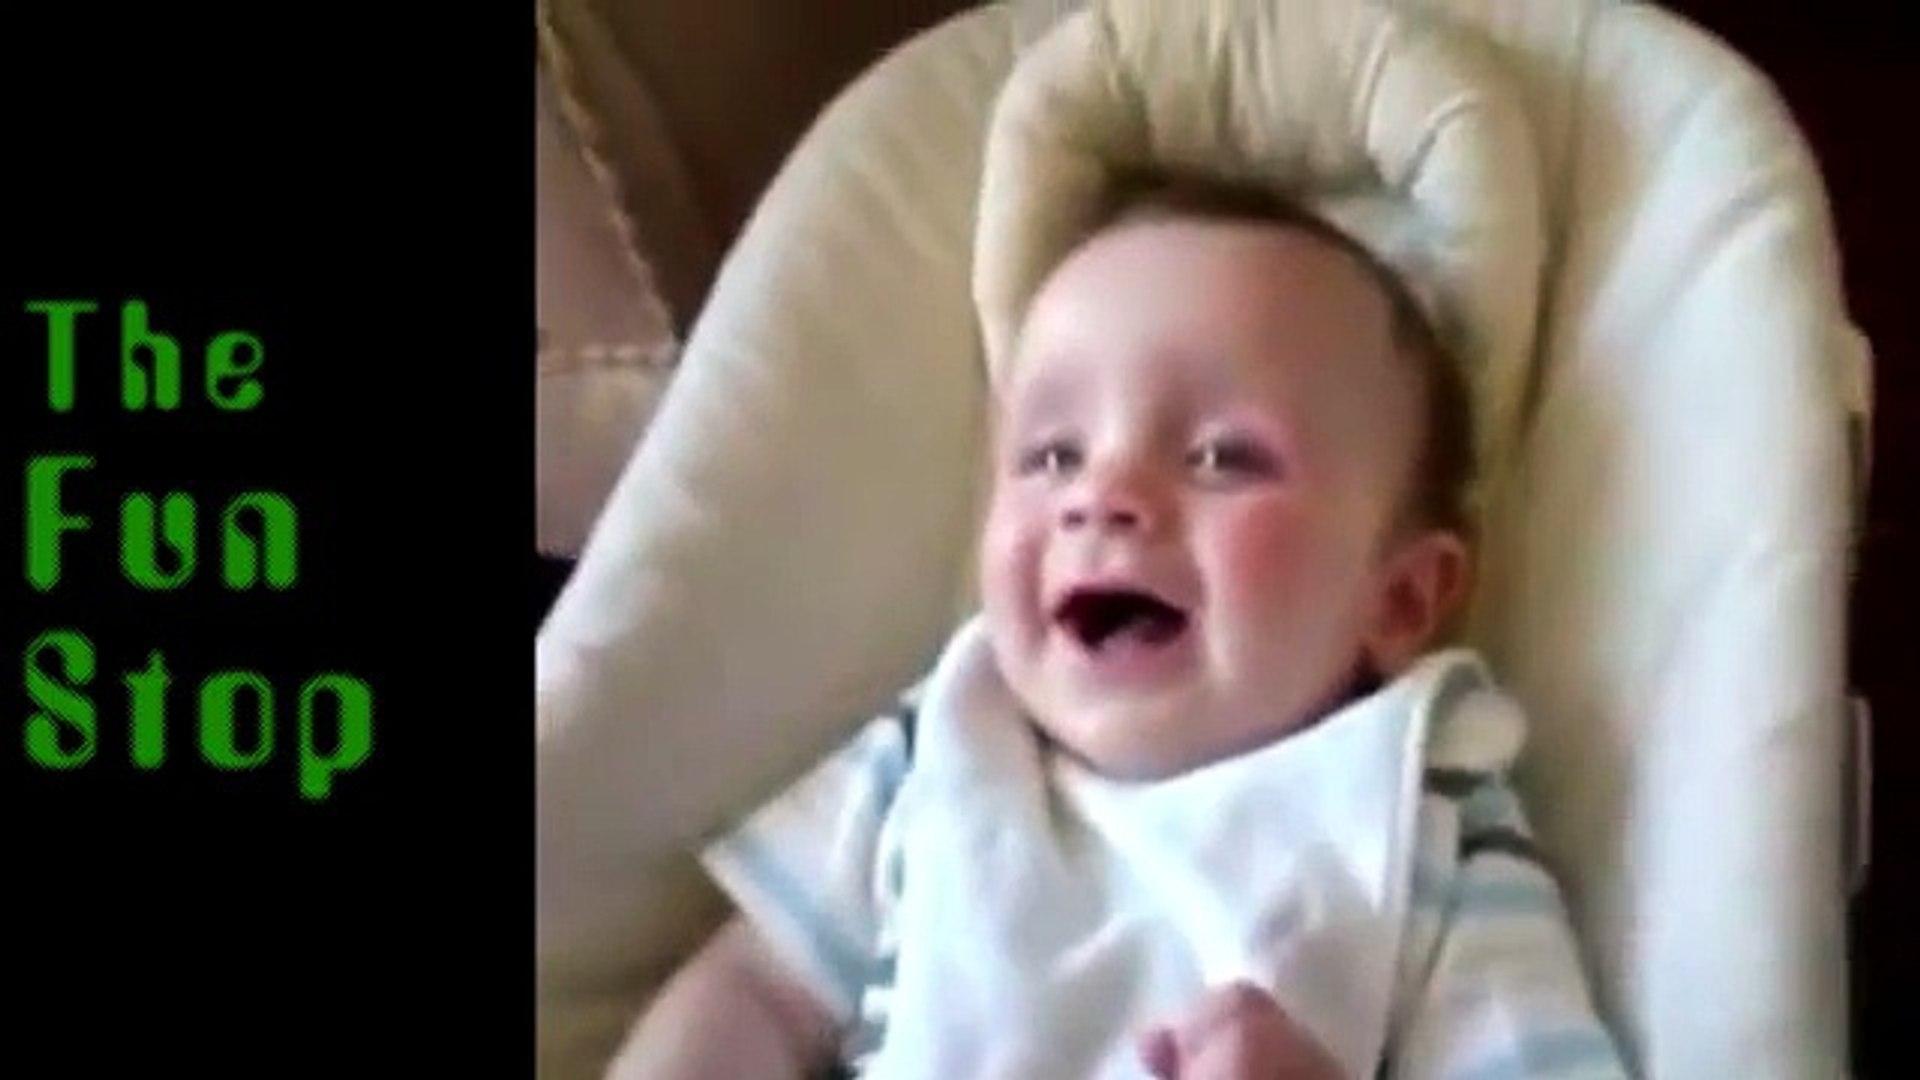 Cute Baby Videos Funny | Cute Baby | Video Clip